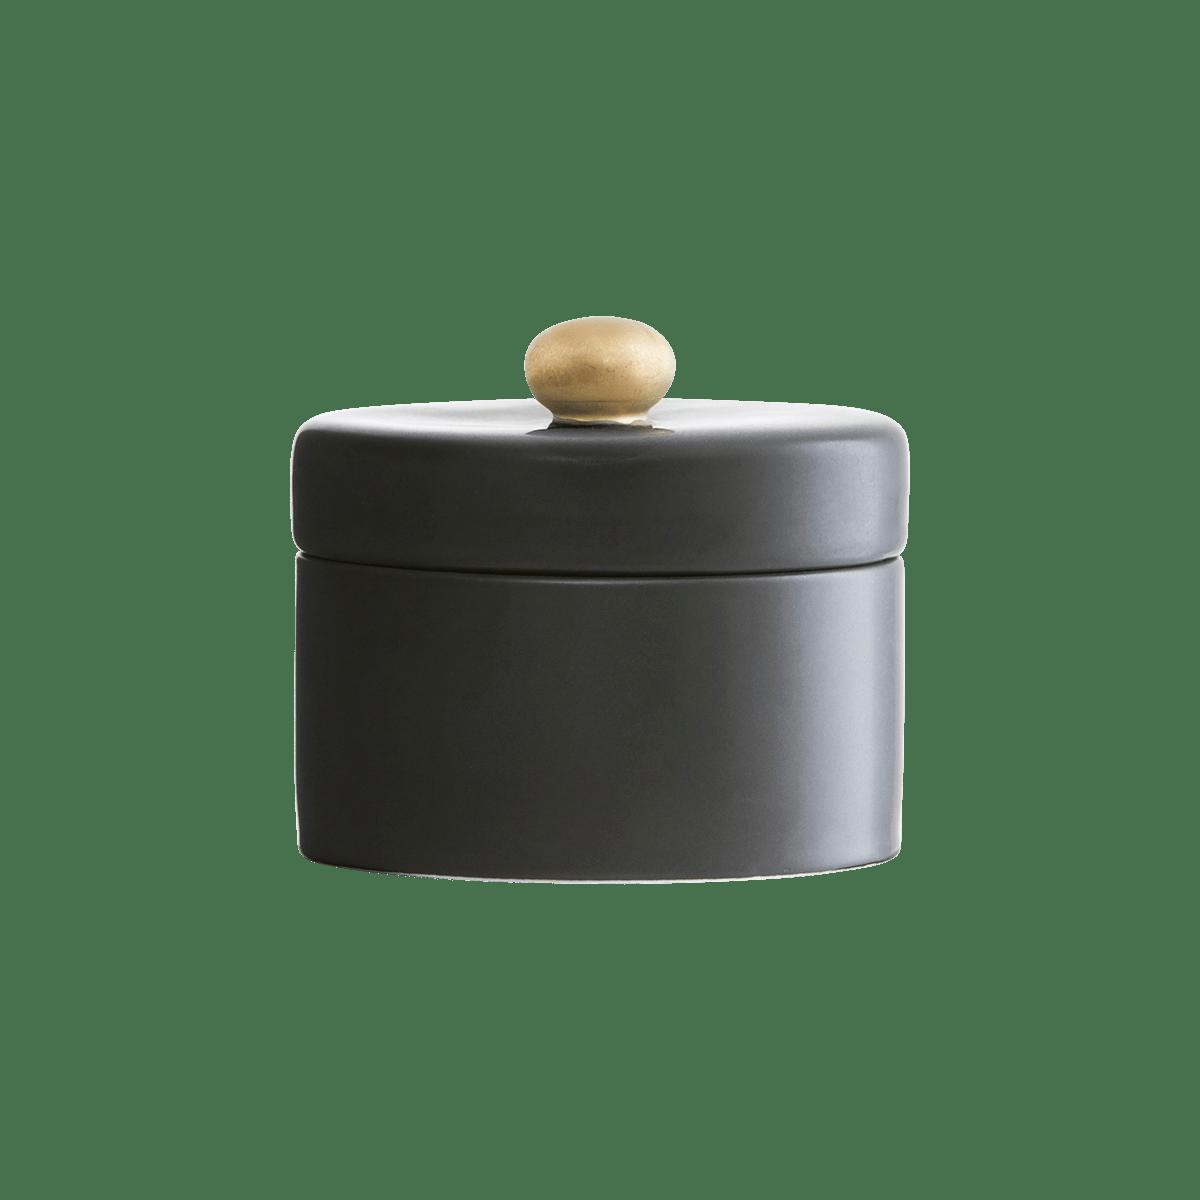 Sada 3 ks − Černá miska na cukr s víčkem Pot